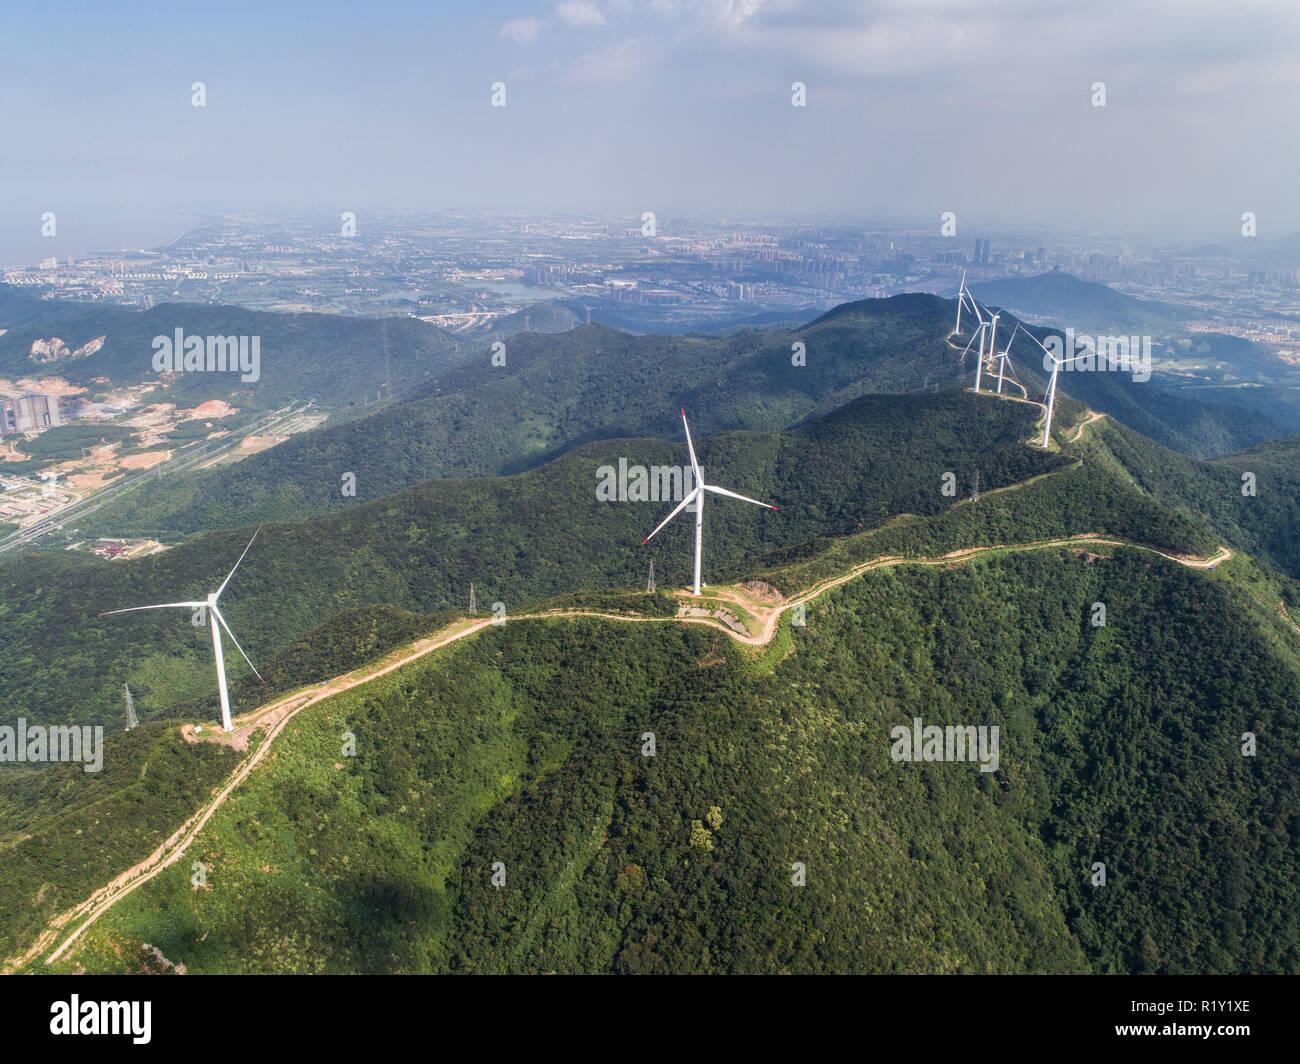 (181115) -- PECHINO, nov. 15, 2018 (Xinhua) -- Foto aeree prese su agosto 23, 2018 mostra la Bianshan wind farm in Changxing County, est della Cina di Provincia dello Zhejiang. Secondo l'Ufficio Nazionale di Statistica, della Cina di generazione di potenza è salito al 7,2 percento di anno in anno nei primi dieci mesi del 2018. Nel solo mese di ottobre, la Cina ha generato 533 miliardi di kilowattora (kWh) di potenza, fino a 4,8 per cento anno su anno, più veloce del 4,6-percentuale di crescita nel mese di settembre. La media giornaliera di generazione di potenza ha raggiunto 17,2 miliardi di kWh, il bordo verso il basso a partire da 18,3 miliardi di kWh in settembre. La Cina ha visto una crescita più veloce tasso di hy Immagini Stock